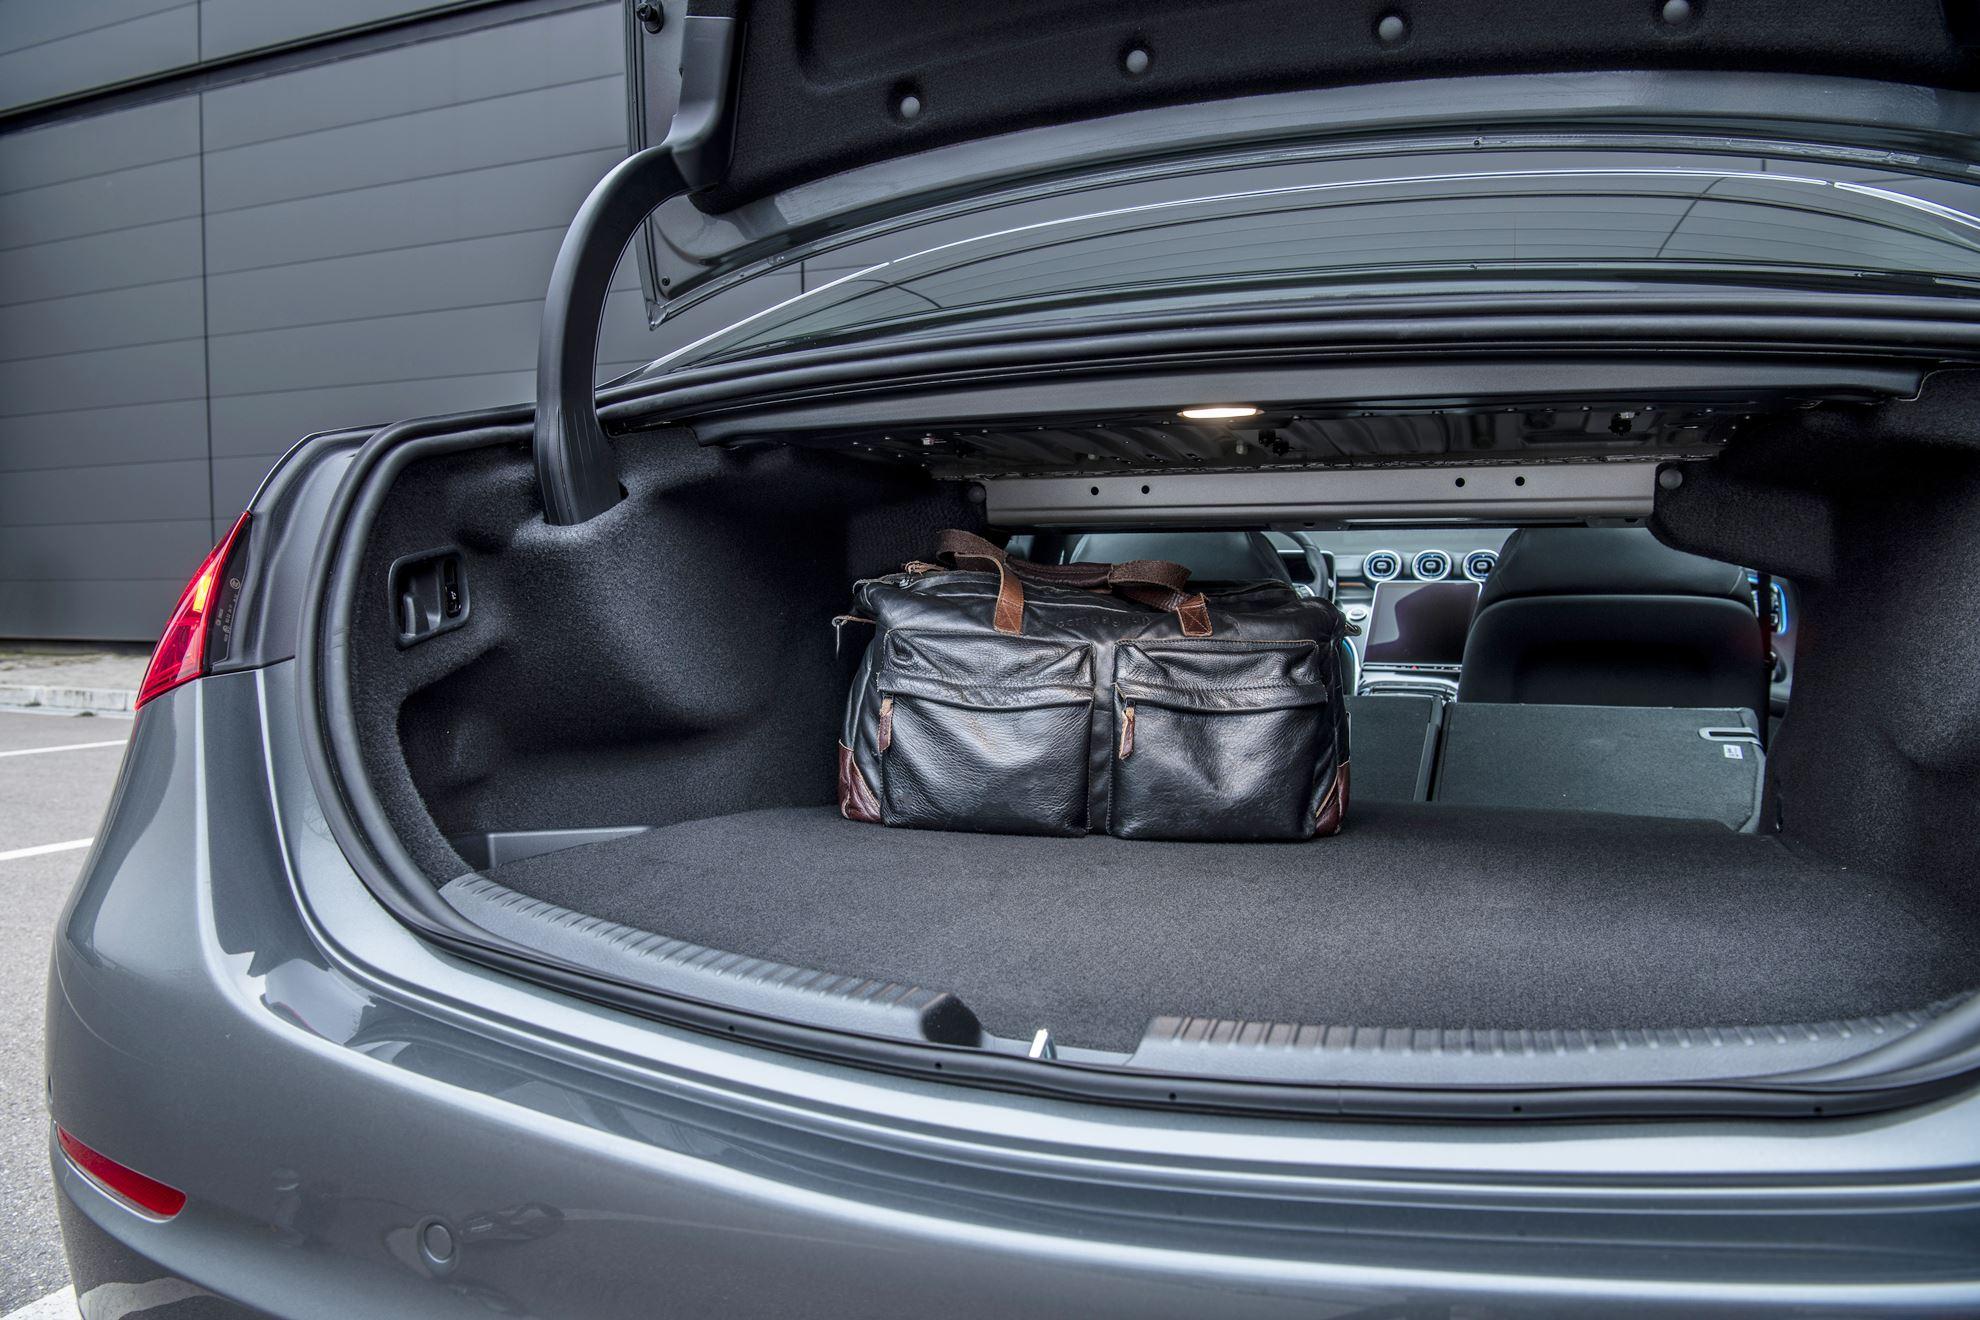 Mercedes C 300e Plug-in-Hybrid Kofferraum